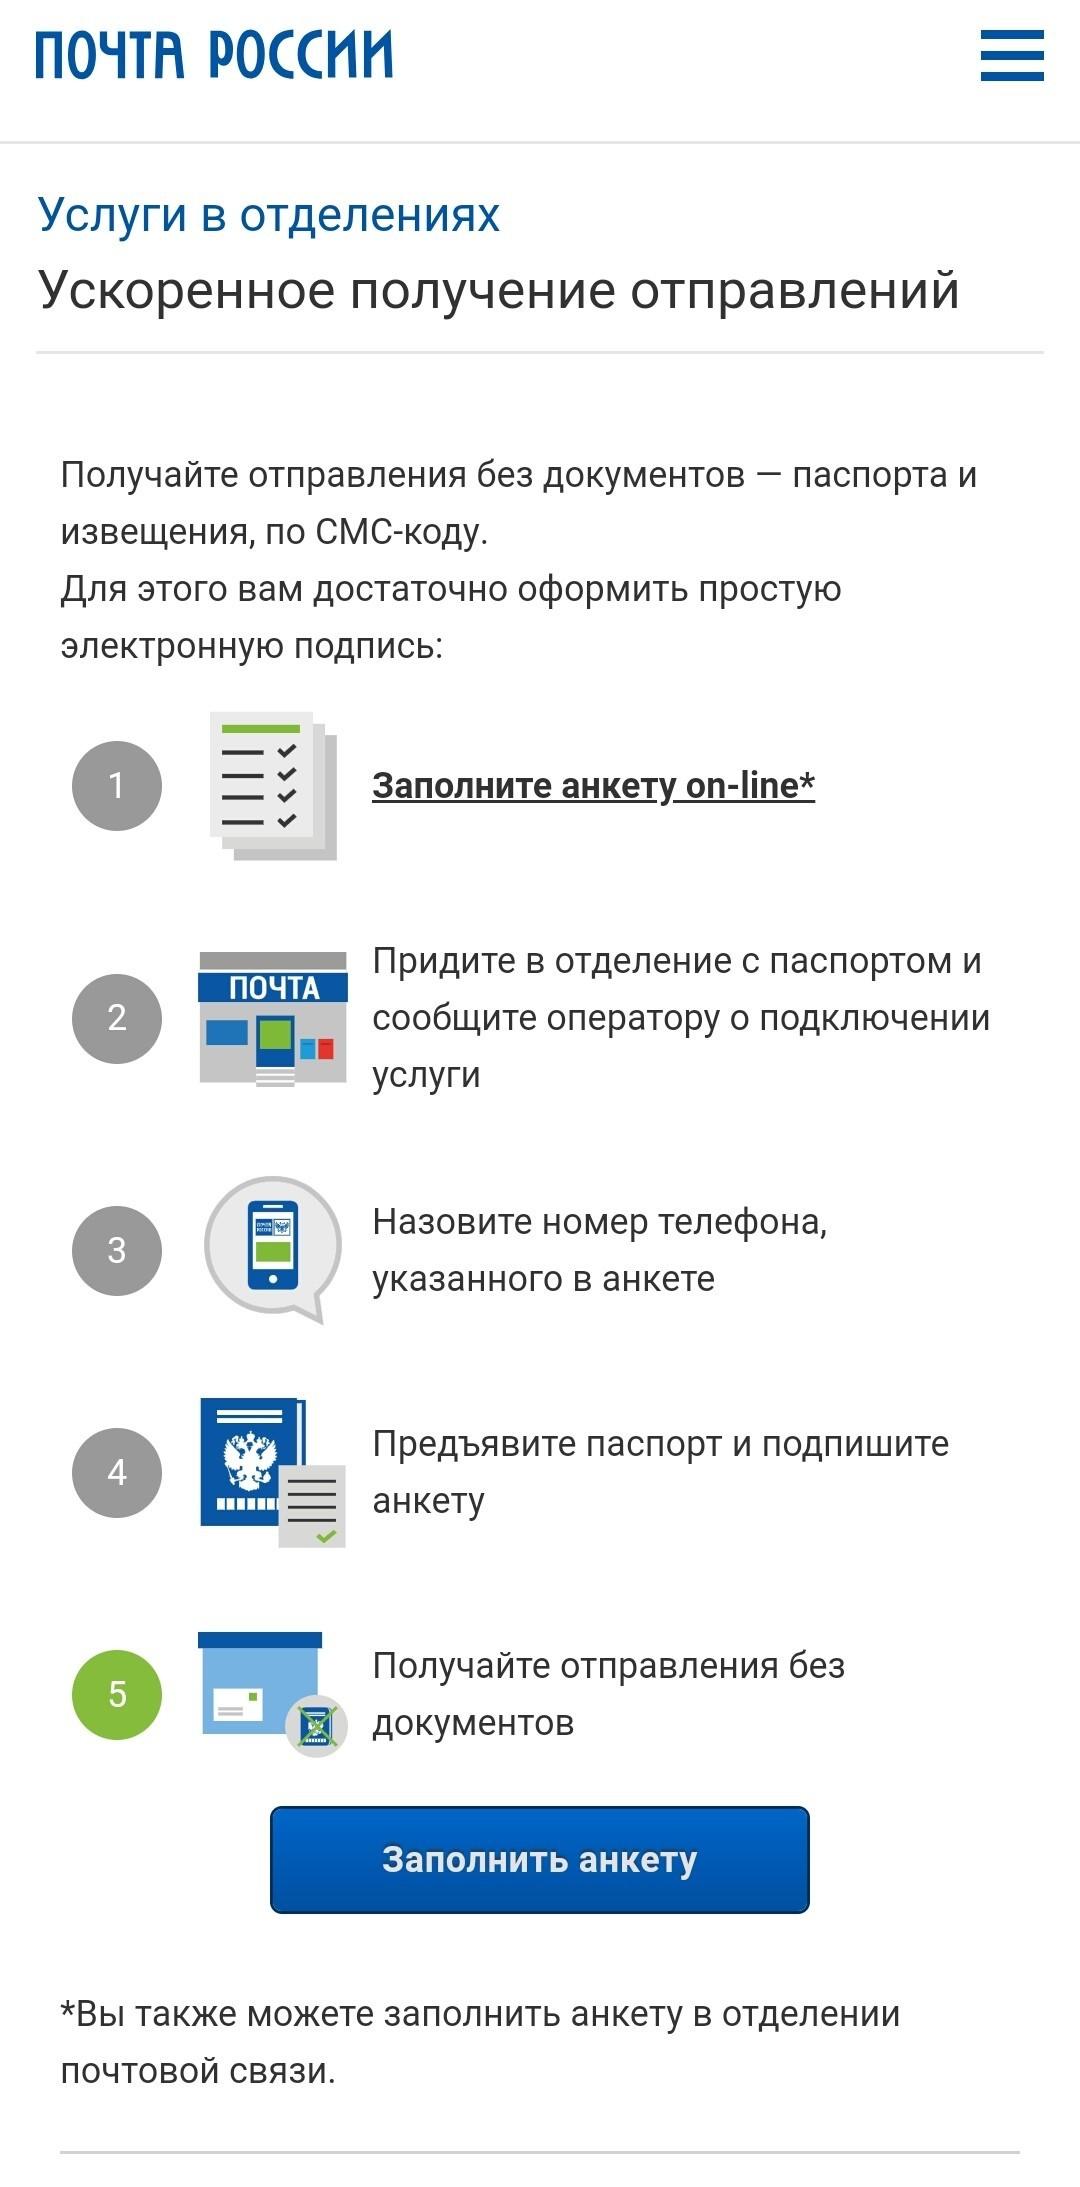 Где в москве почта россии проходит медкомиссию психиатра